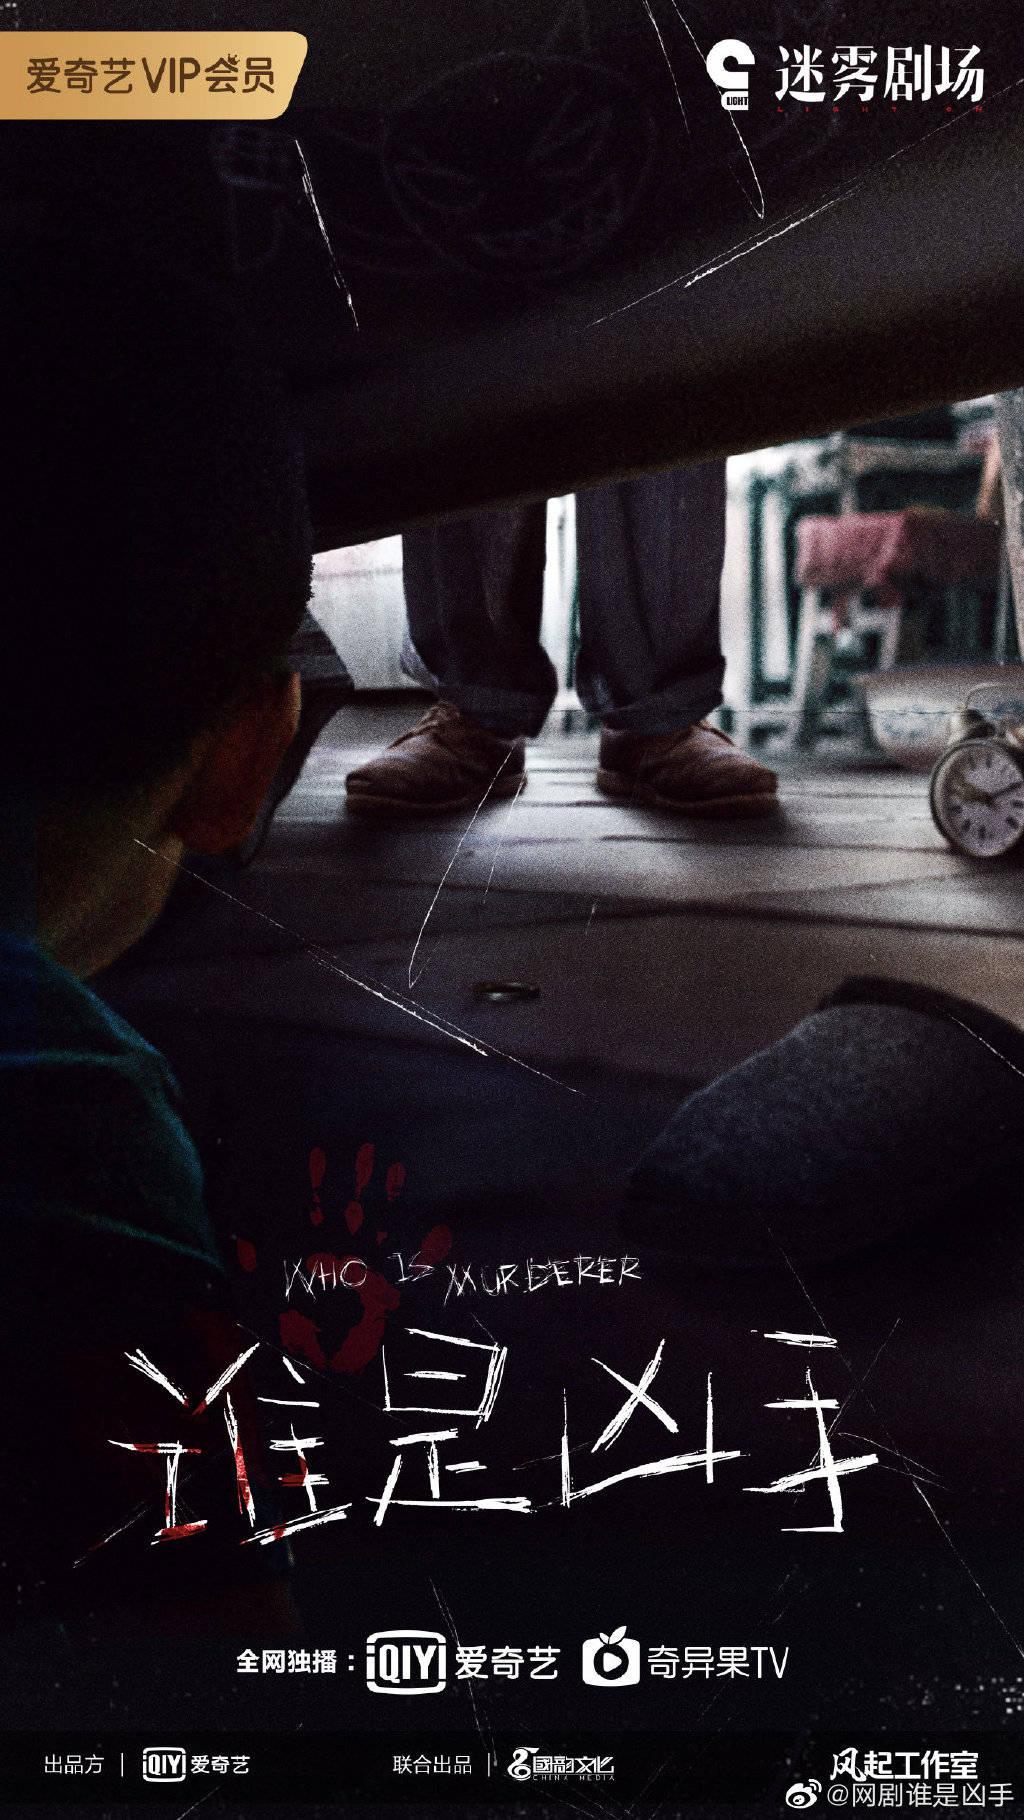 网剧《谁是凶手》发布概念海报,赵丽颖、肖央、董子健主演